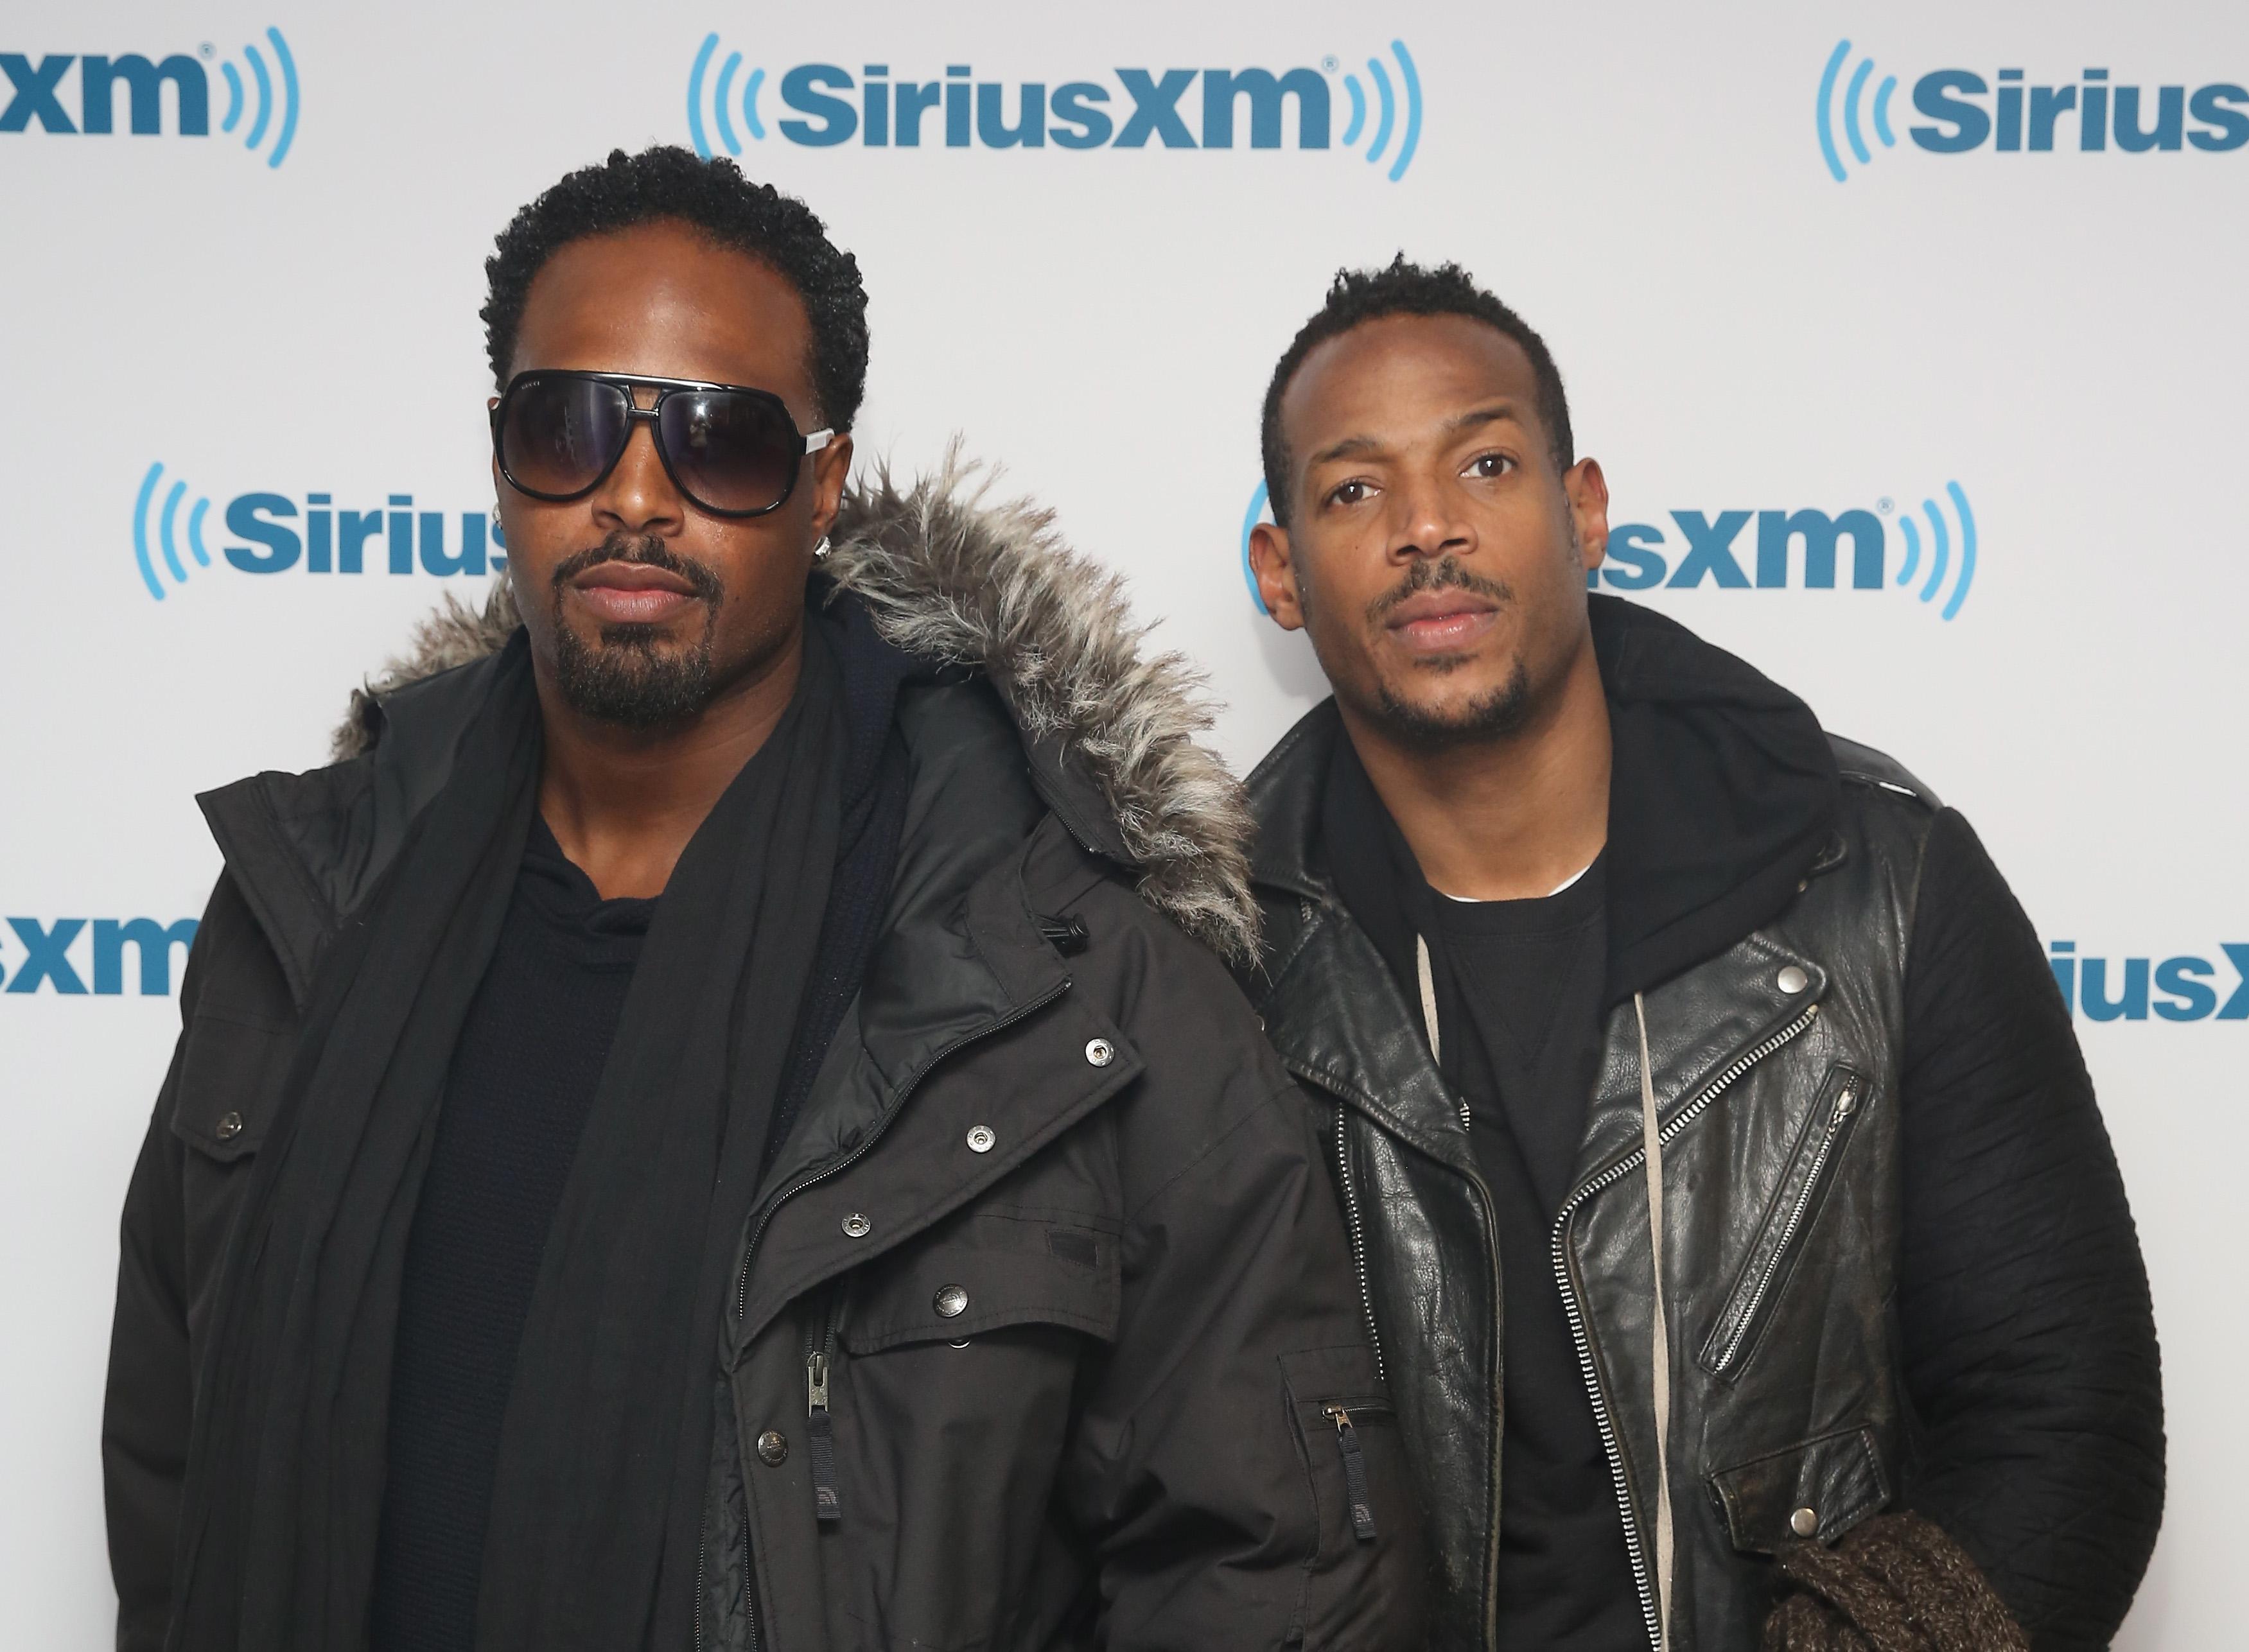 Celebrities Visit SiriusXM Studios - January 16, 2015